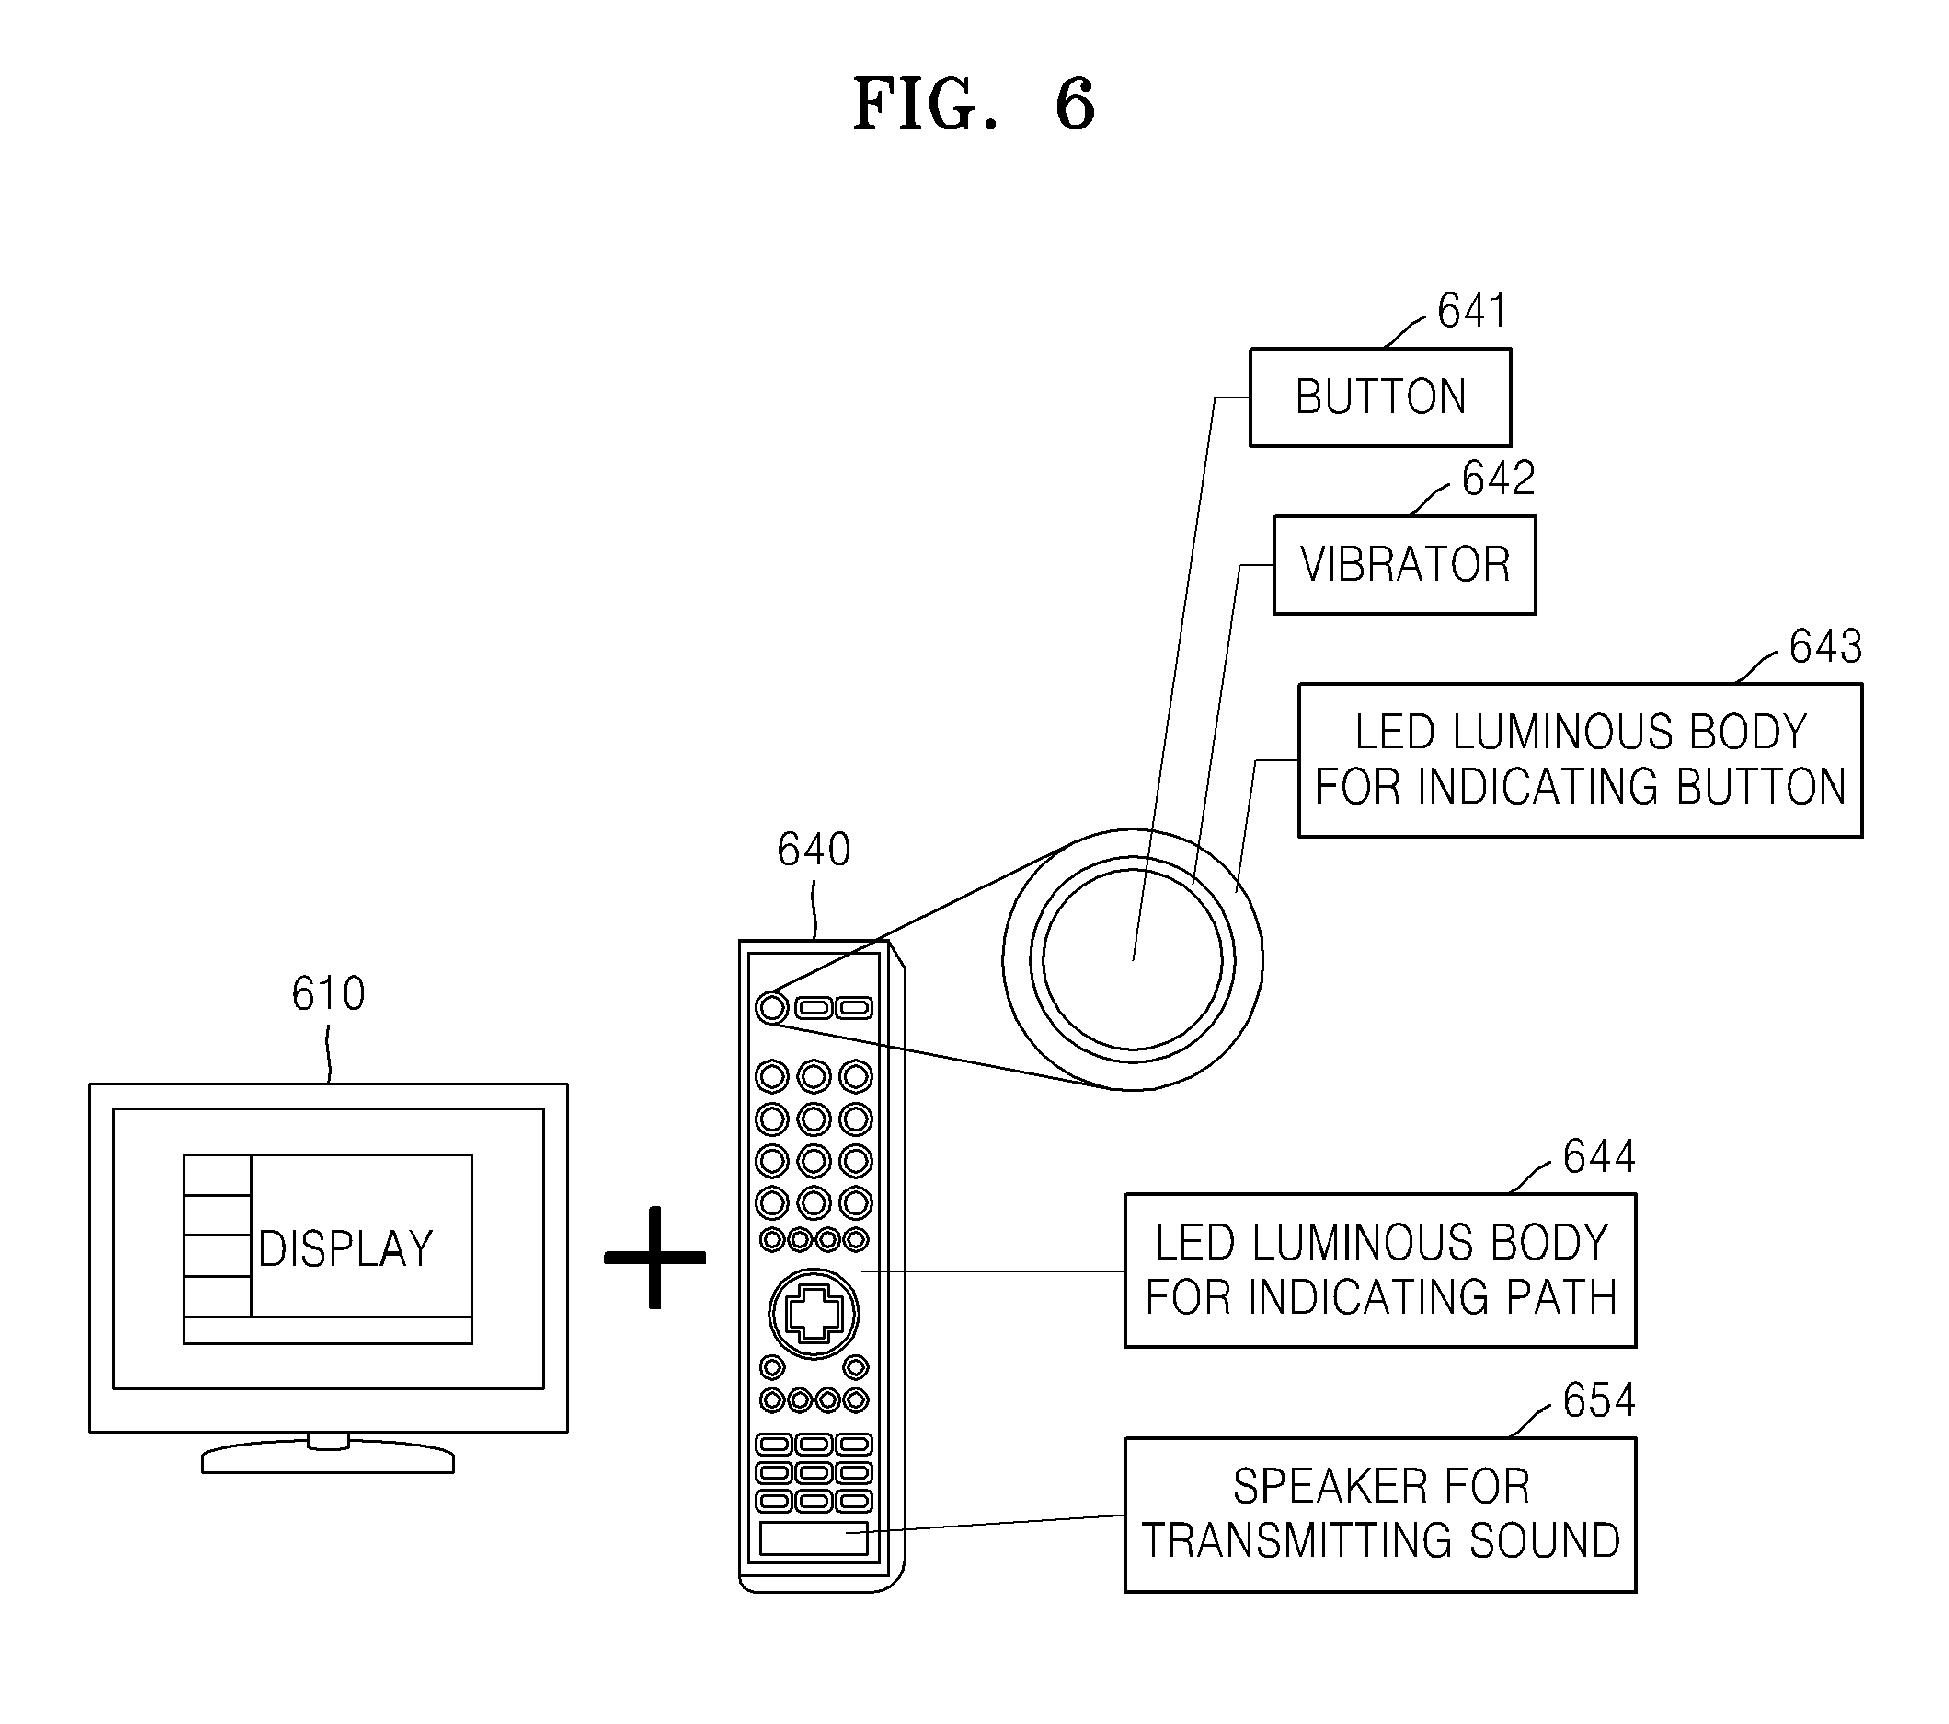 专利ep1981011a2 - method